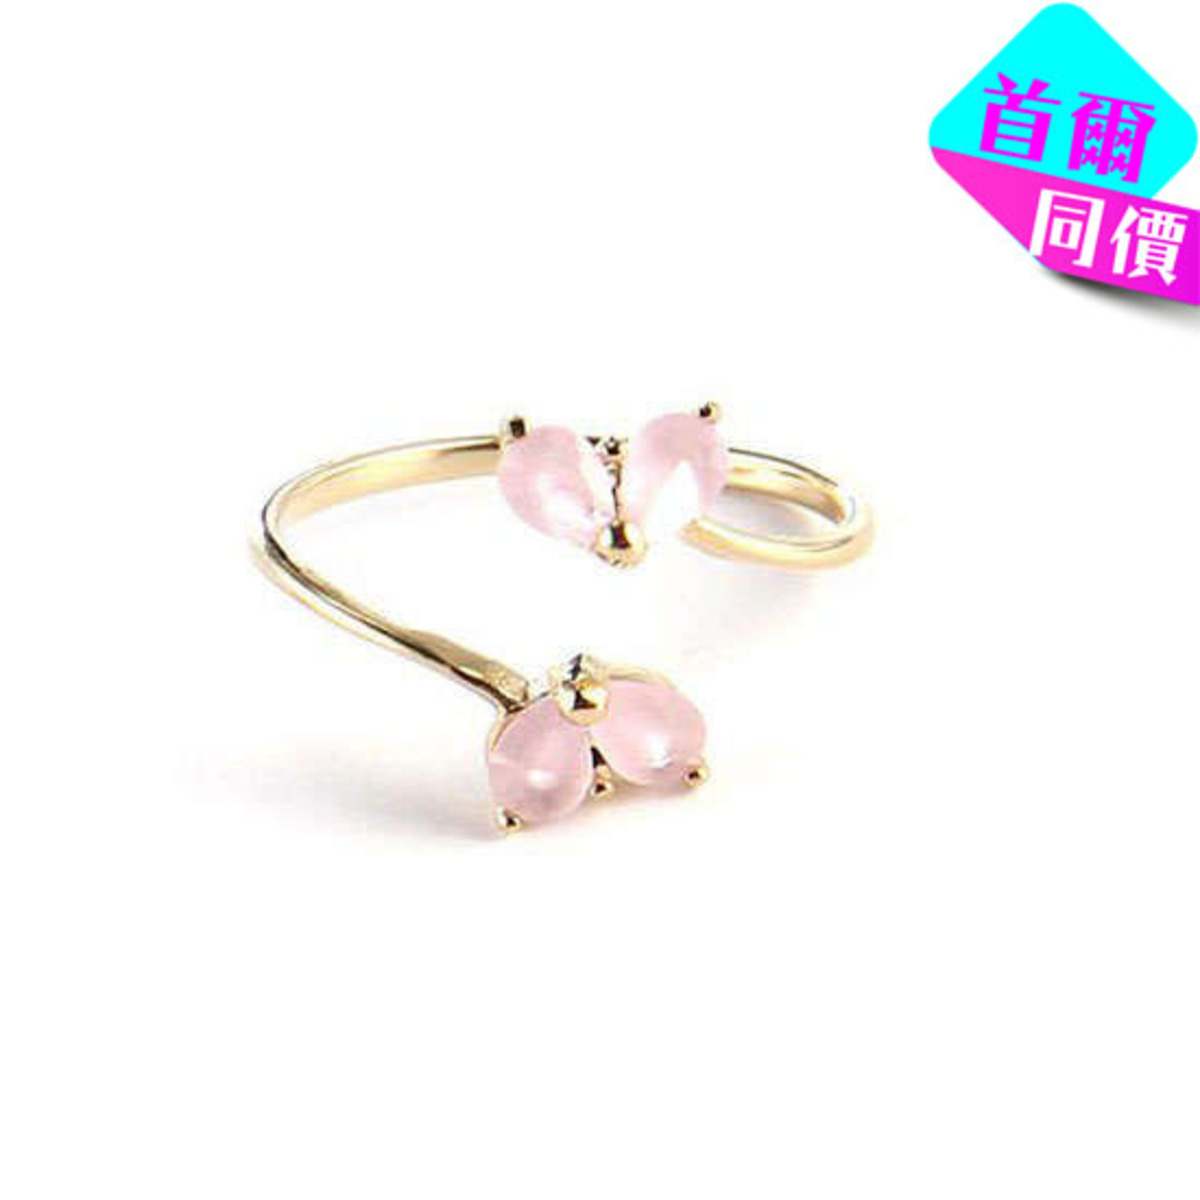 心型鑲石彎曲戒指